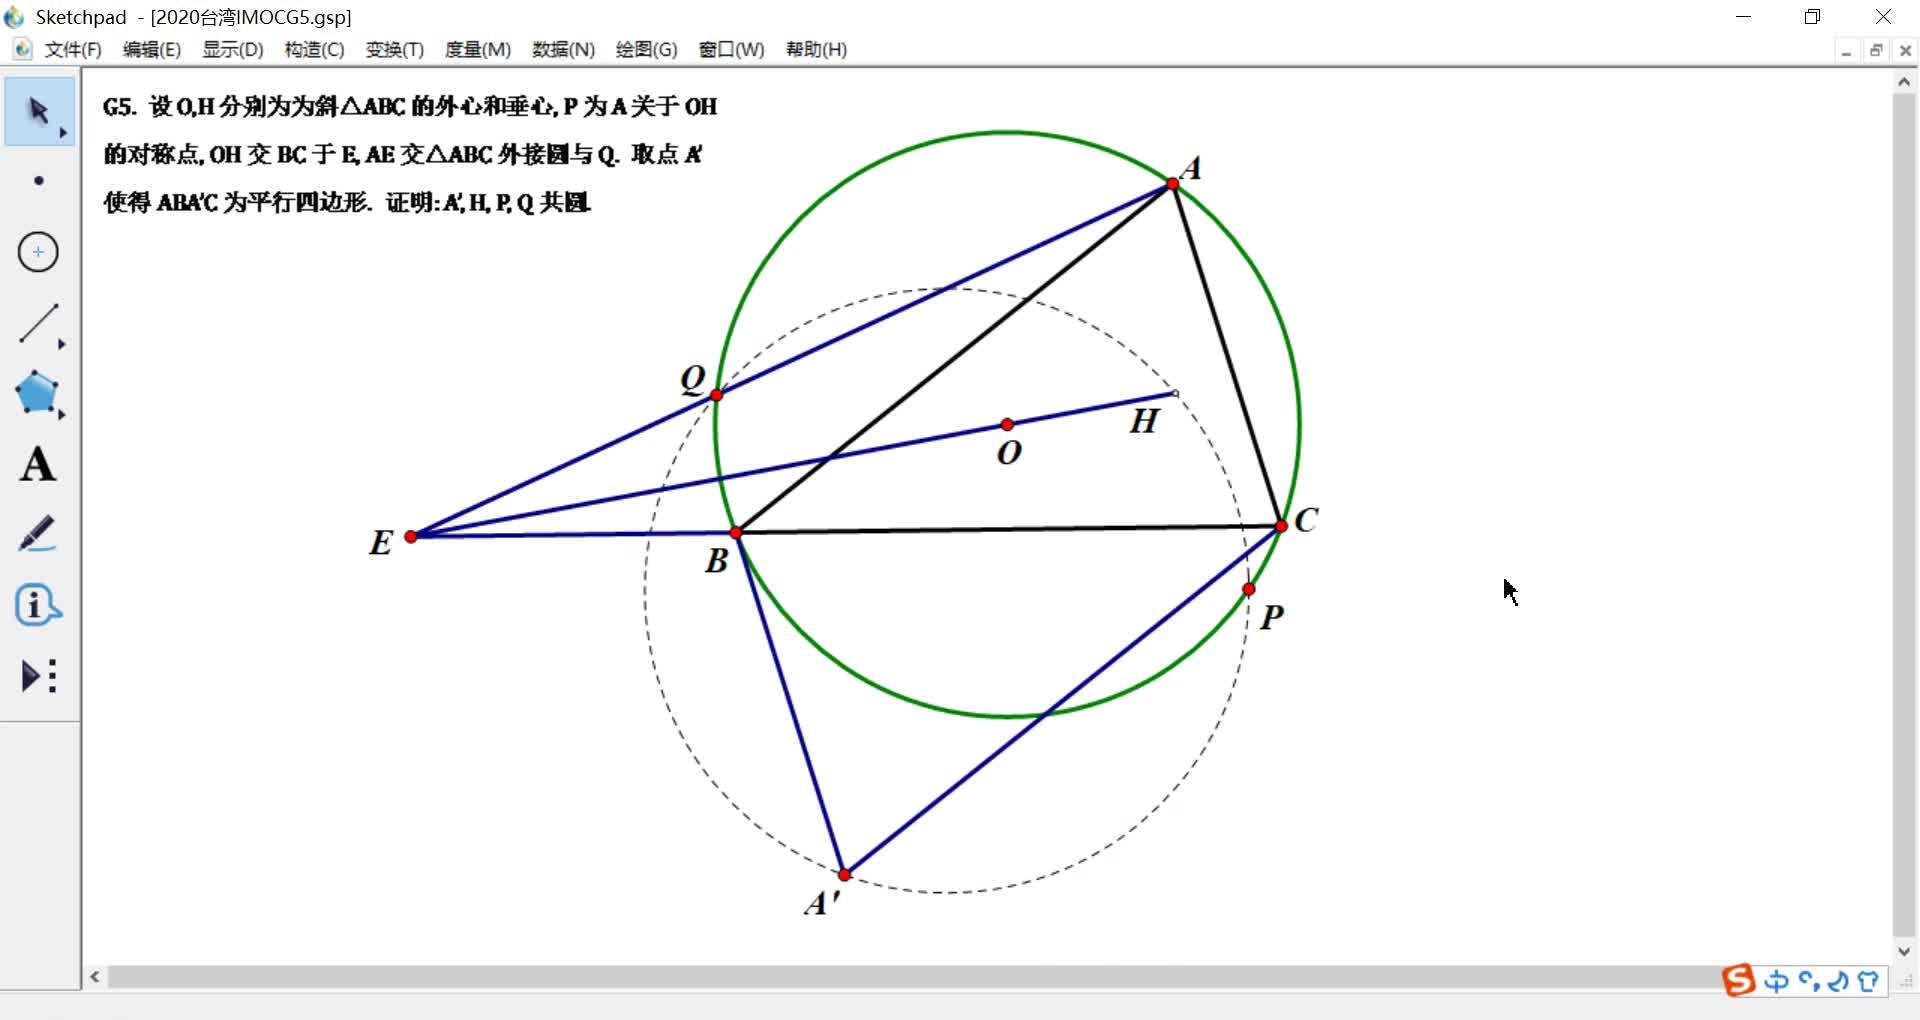 2020年中国台湾IMOC题目G5的解答视频 希望对各位老师同学有所帮助!!!2020年中国台湾IMOC题目G5的解答视频 希望对各位老师同学有所帮助!!! [来自e网通客户端]